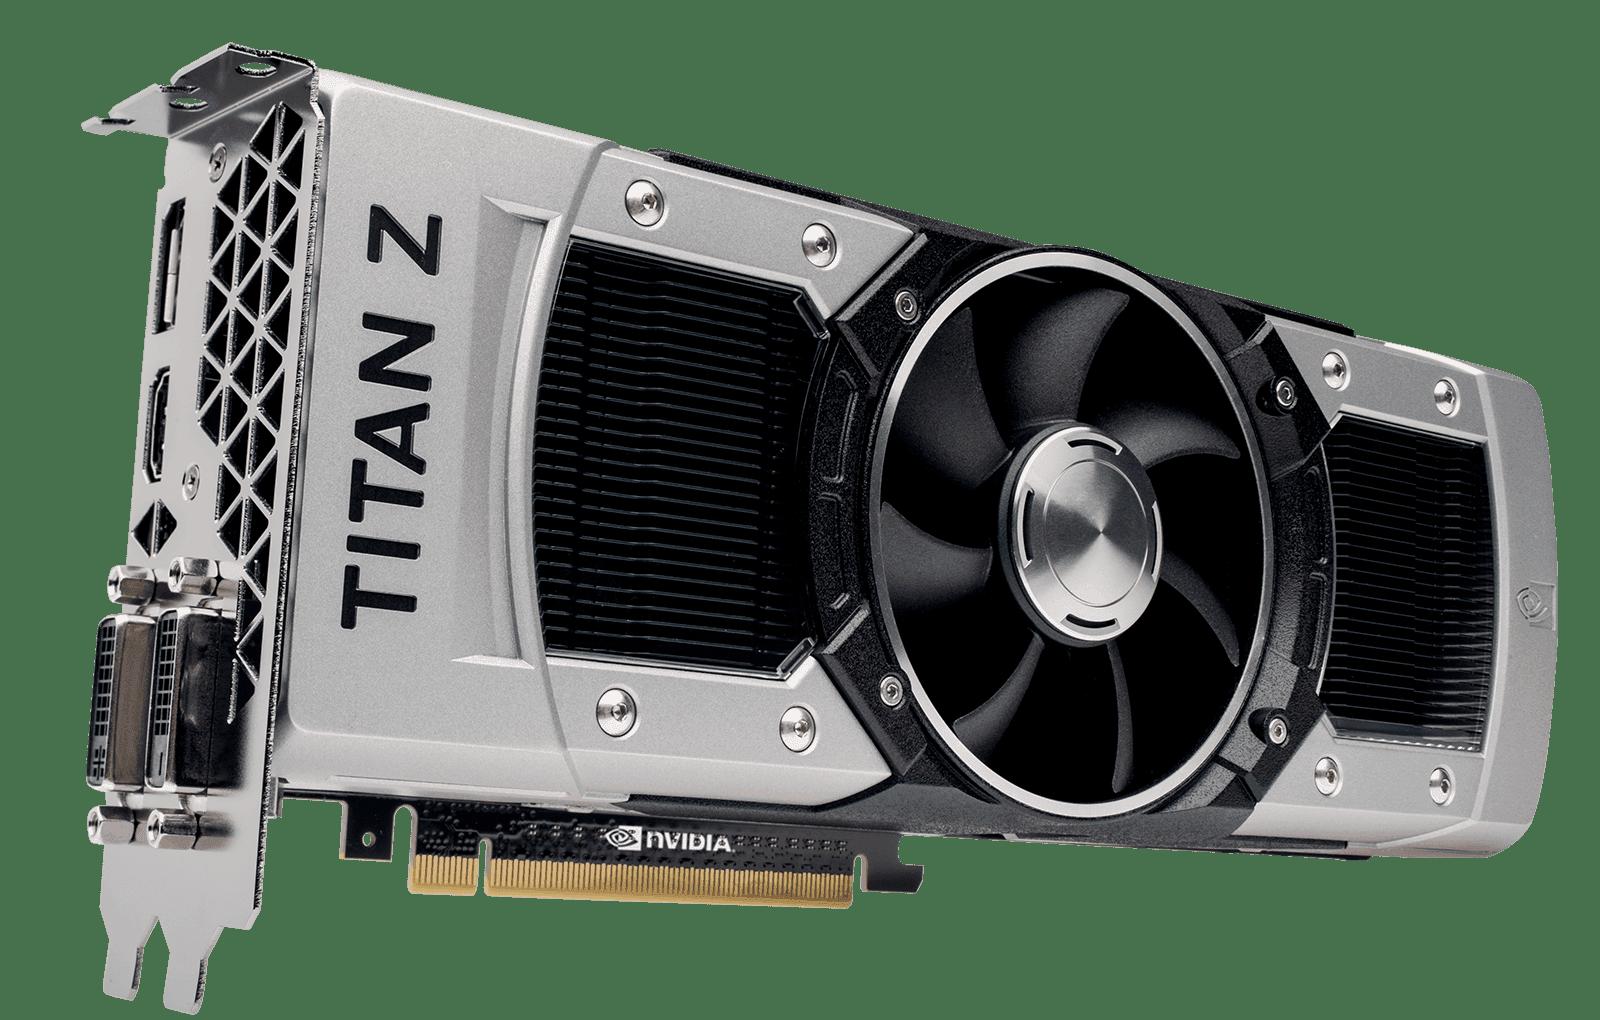 Rock the GeForce, GeForce GTX TITAN Z!